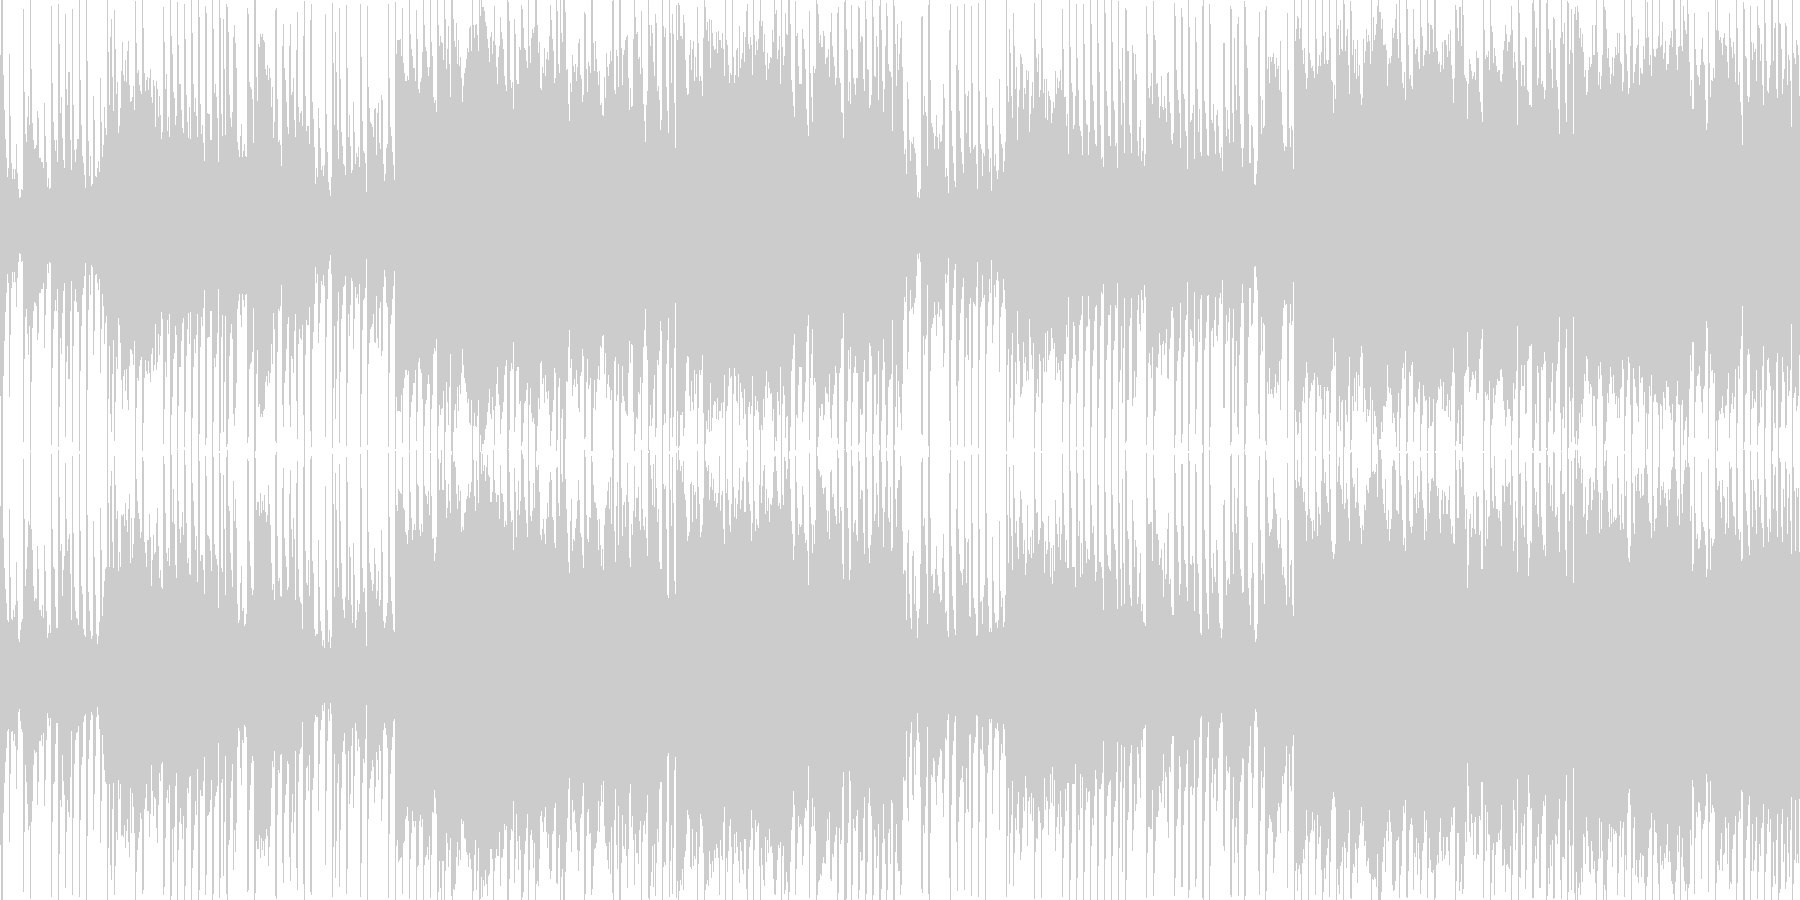 ダブステップのワブルベースを用いたBGMの未再生の波形